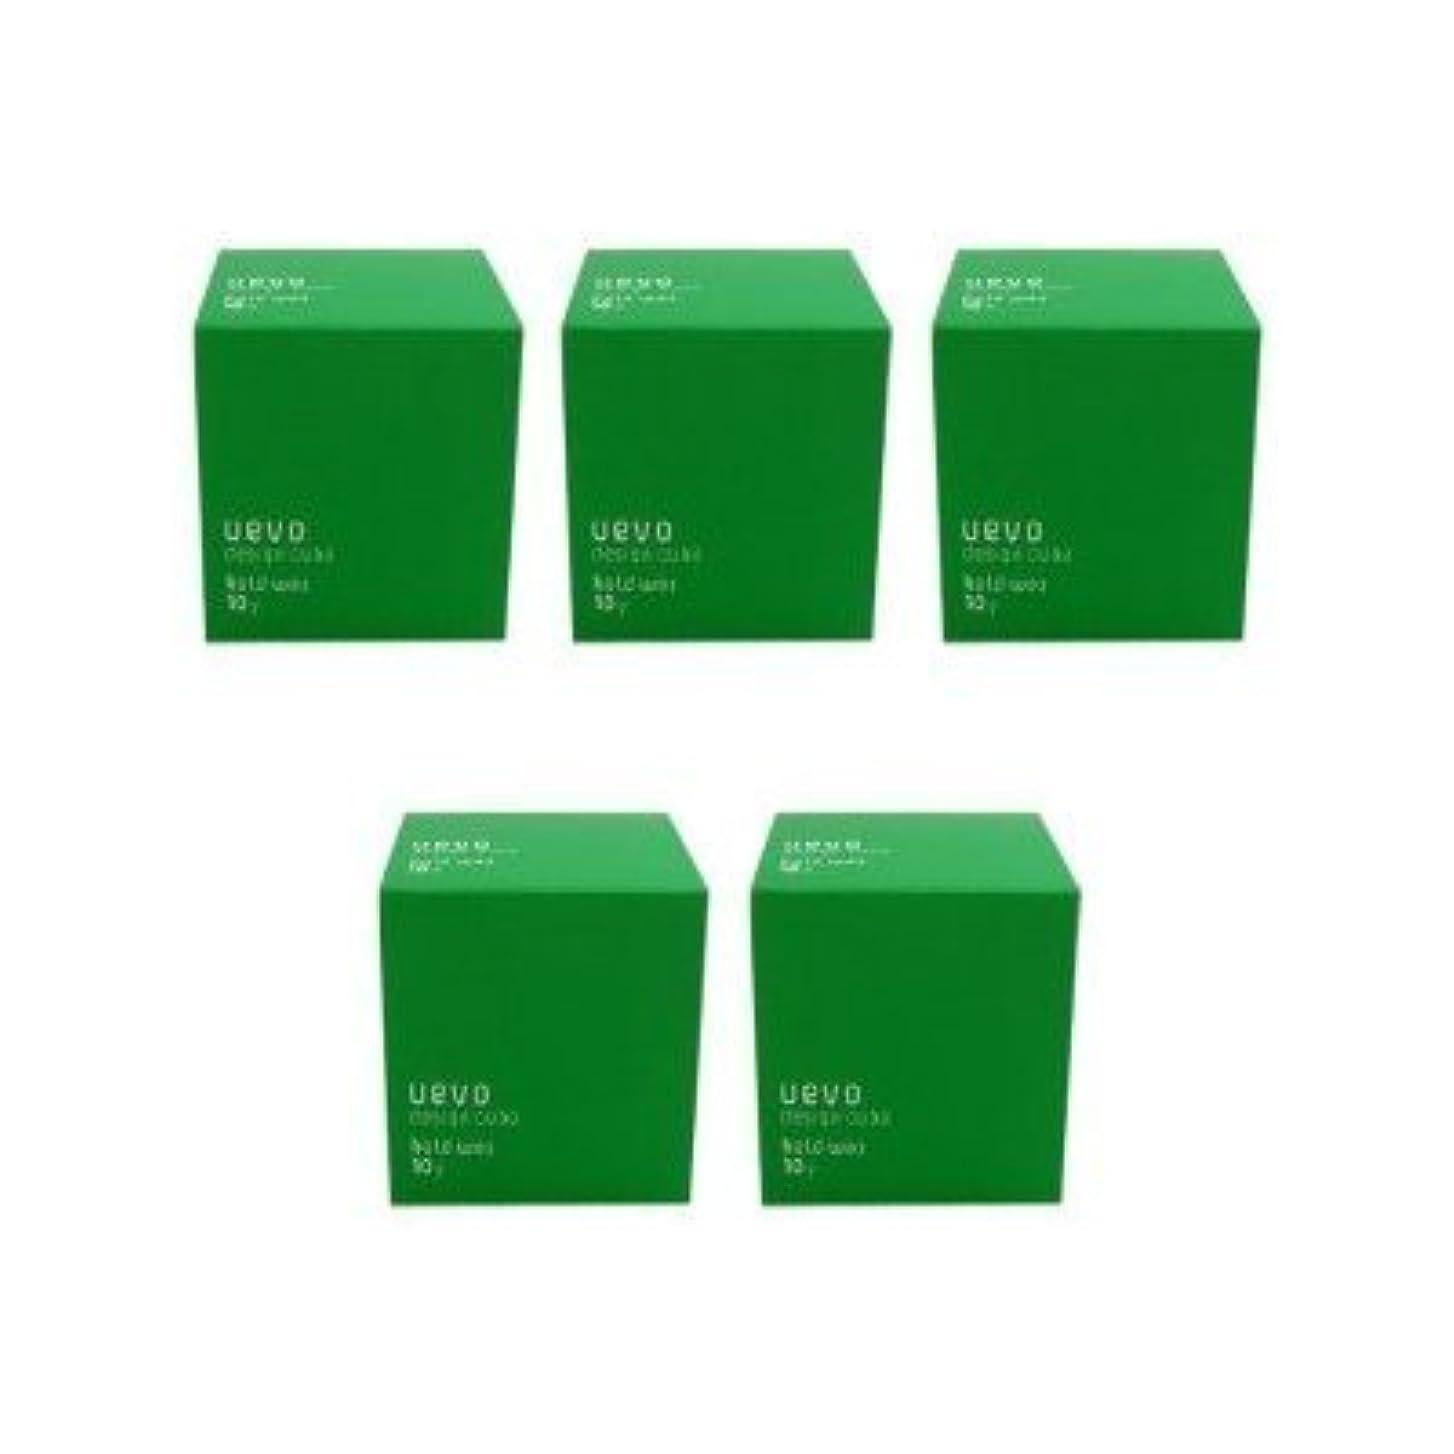 不要規定鍔【X5個セット】 デミ ウェーボ デザインキューブ ホールドワックス 80g hold wax DEMI uevo design cube